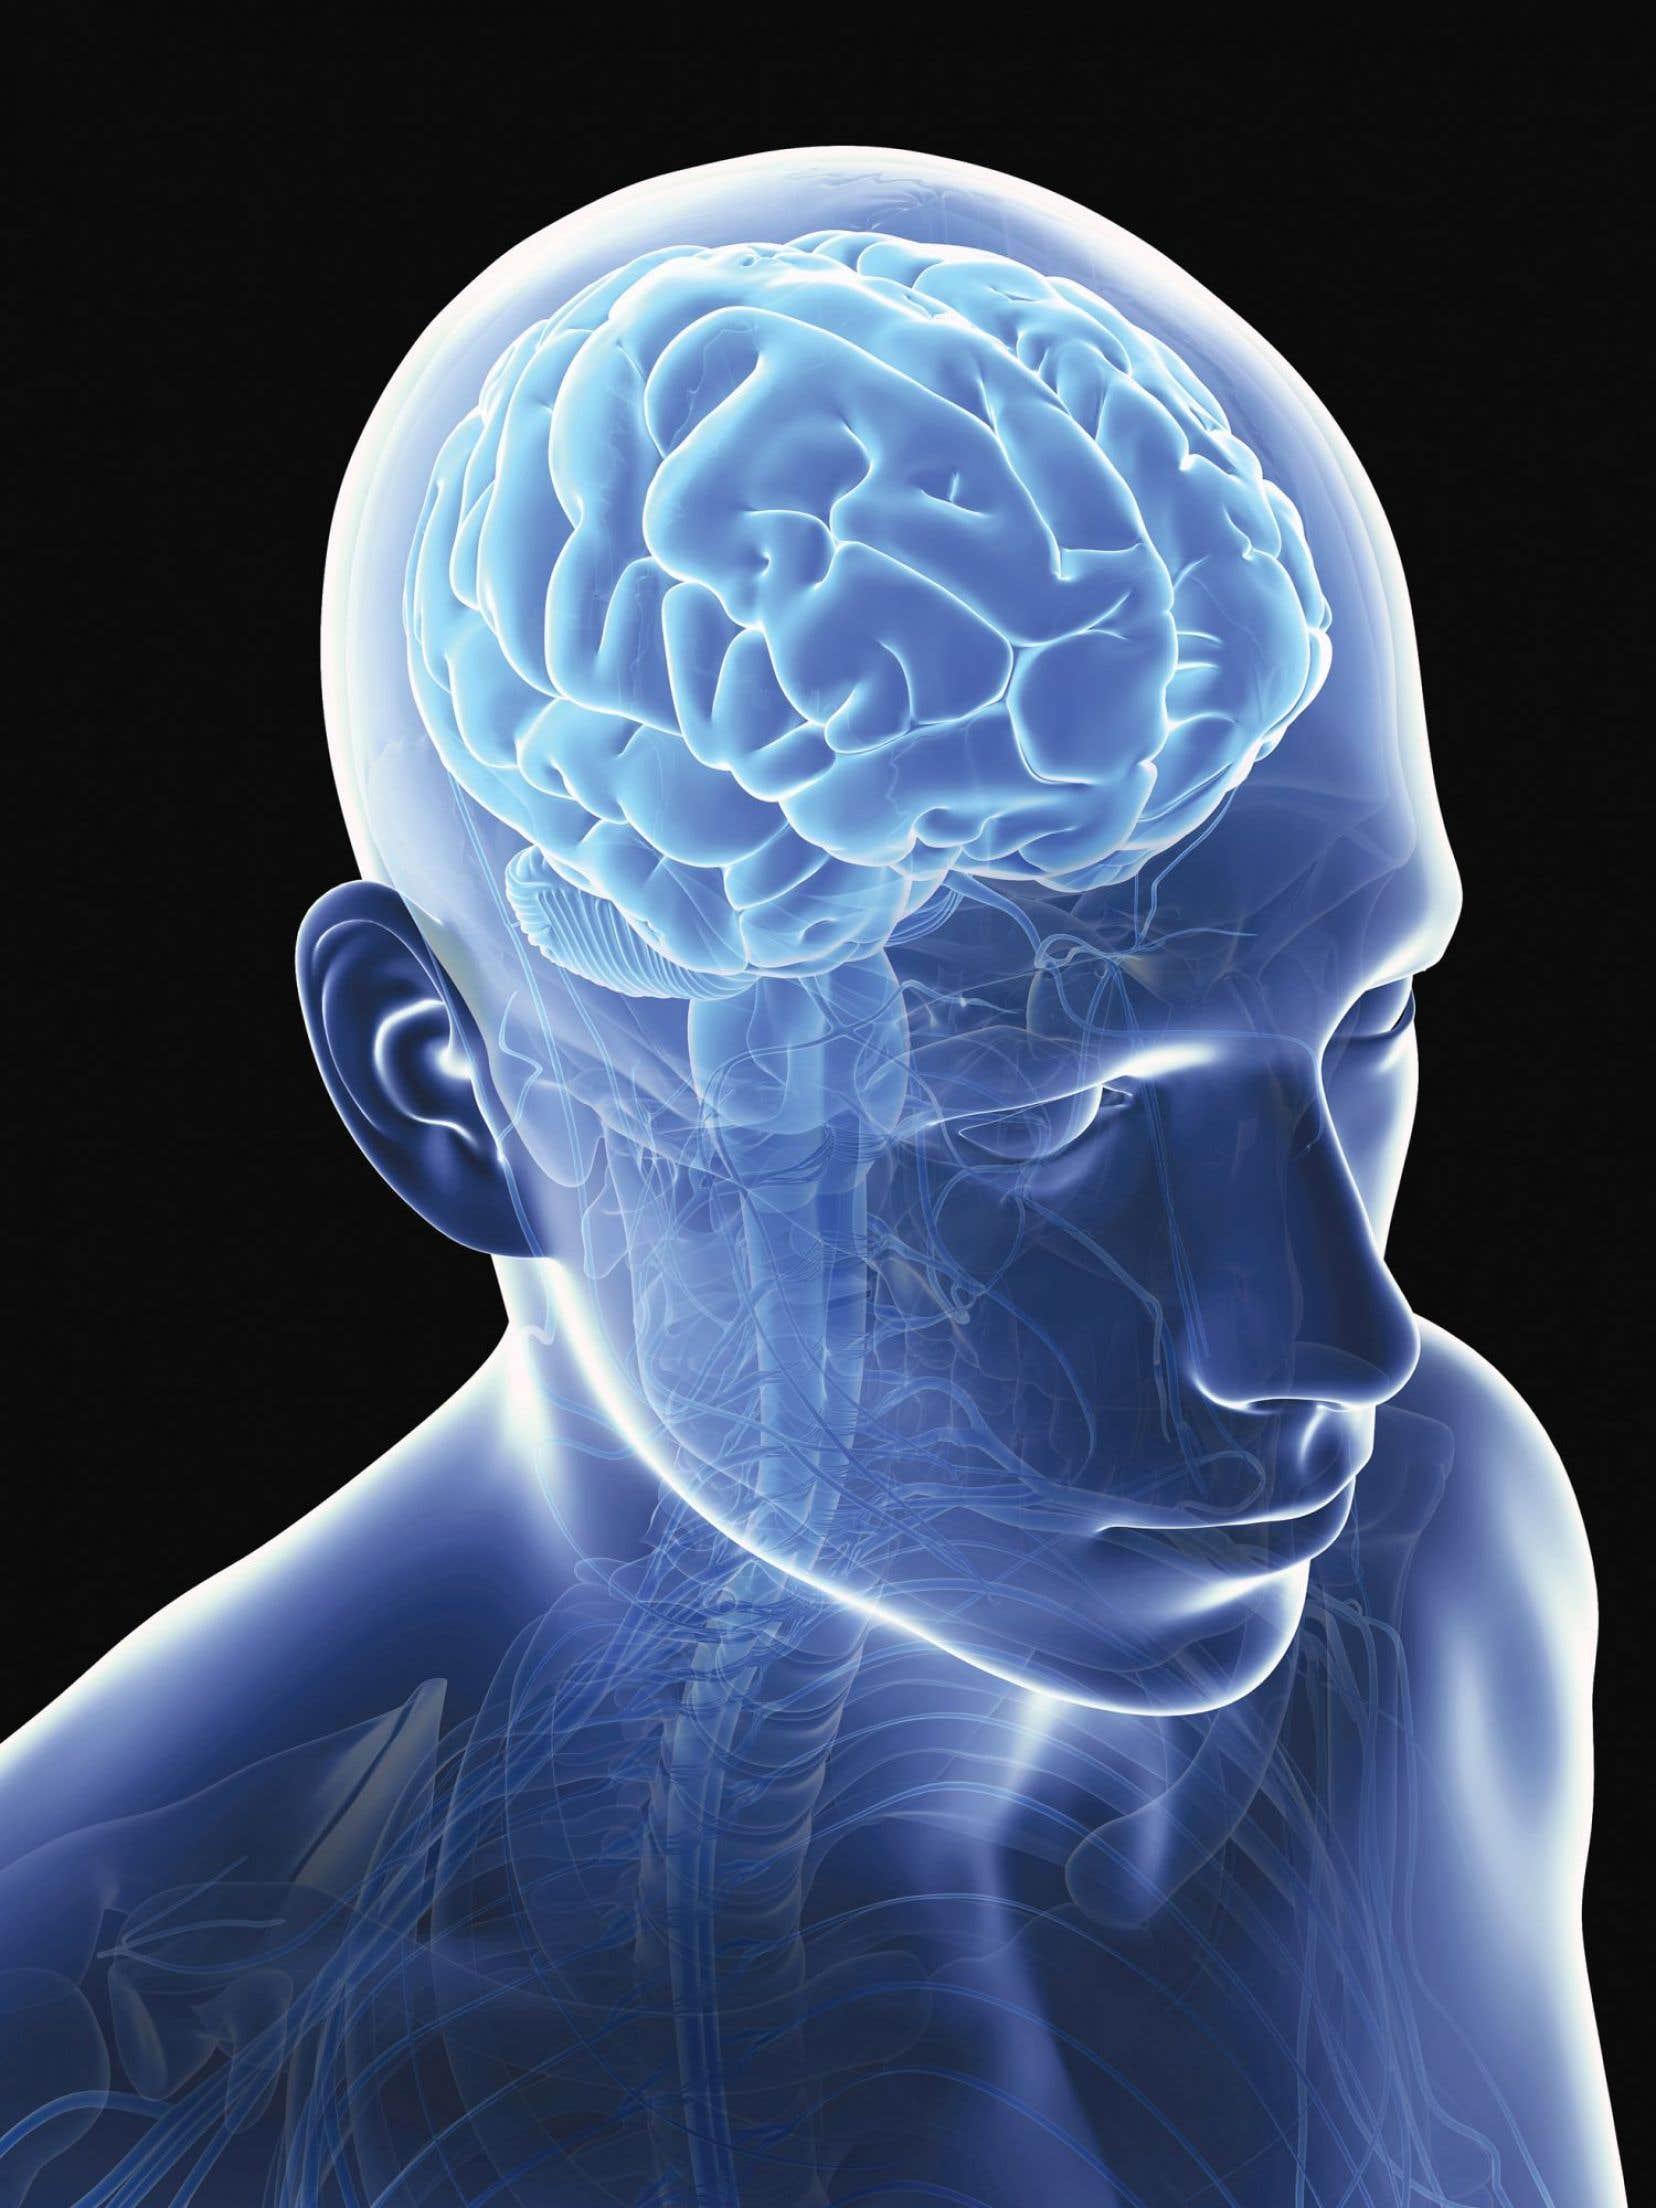 Les chercheurs de l'Institut universitaire de santé mentale Douglas ont passé deux ans à regarder sous le microscope des tranches de cerveau et à observer minutieusement les cellules de la matière blanche du cerveau de personnes dépressives qui s'étaient suicidées.